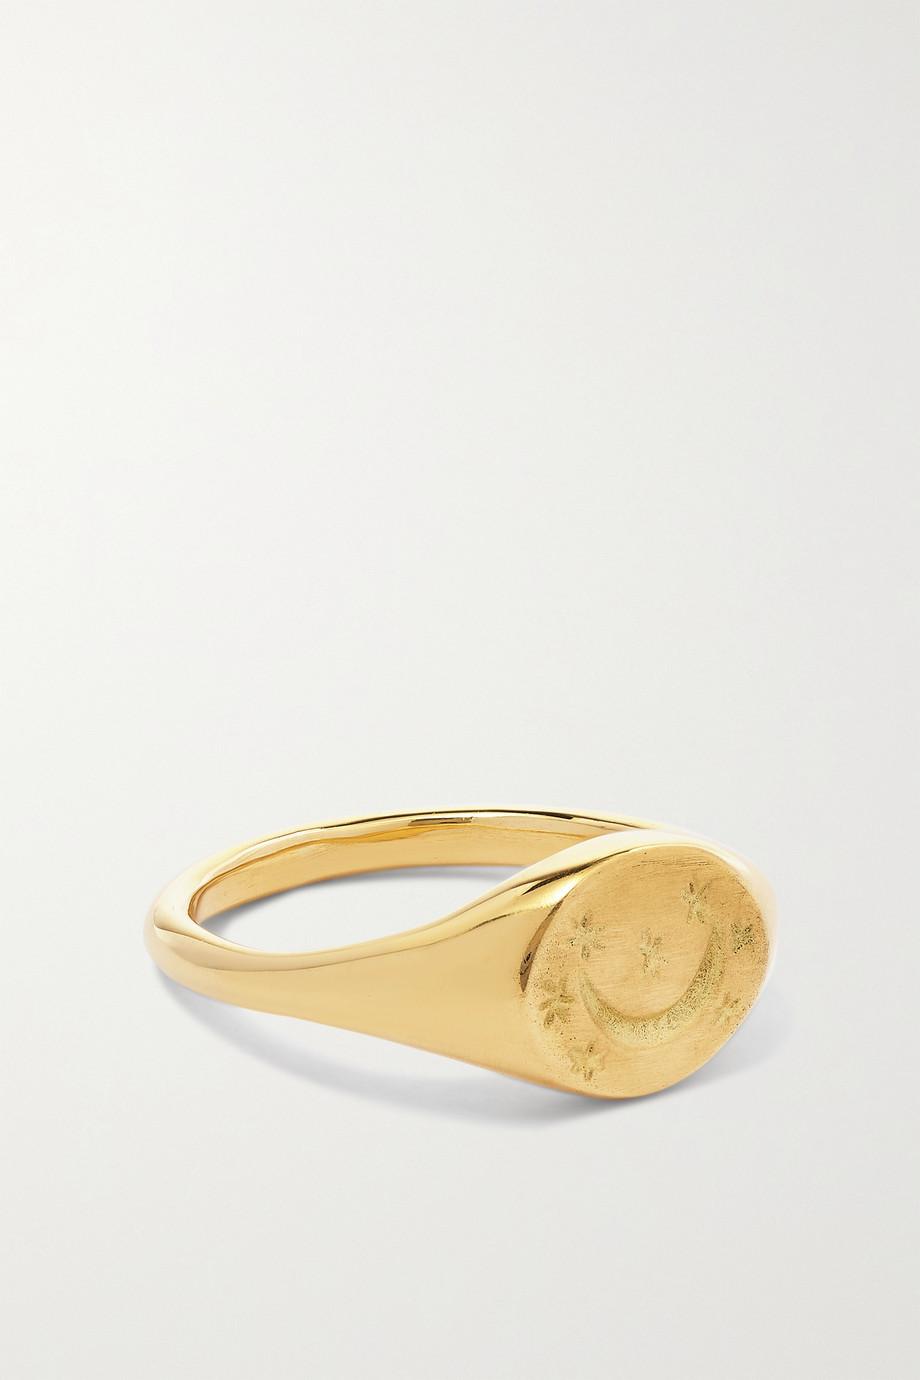 Dubini 18-karat gold ring